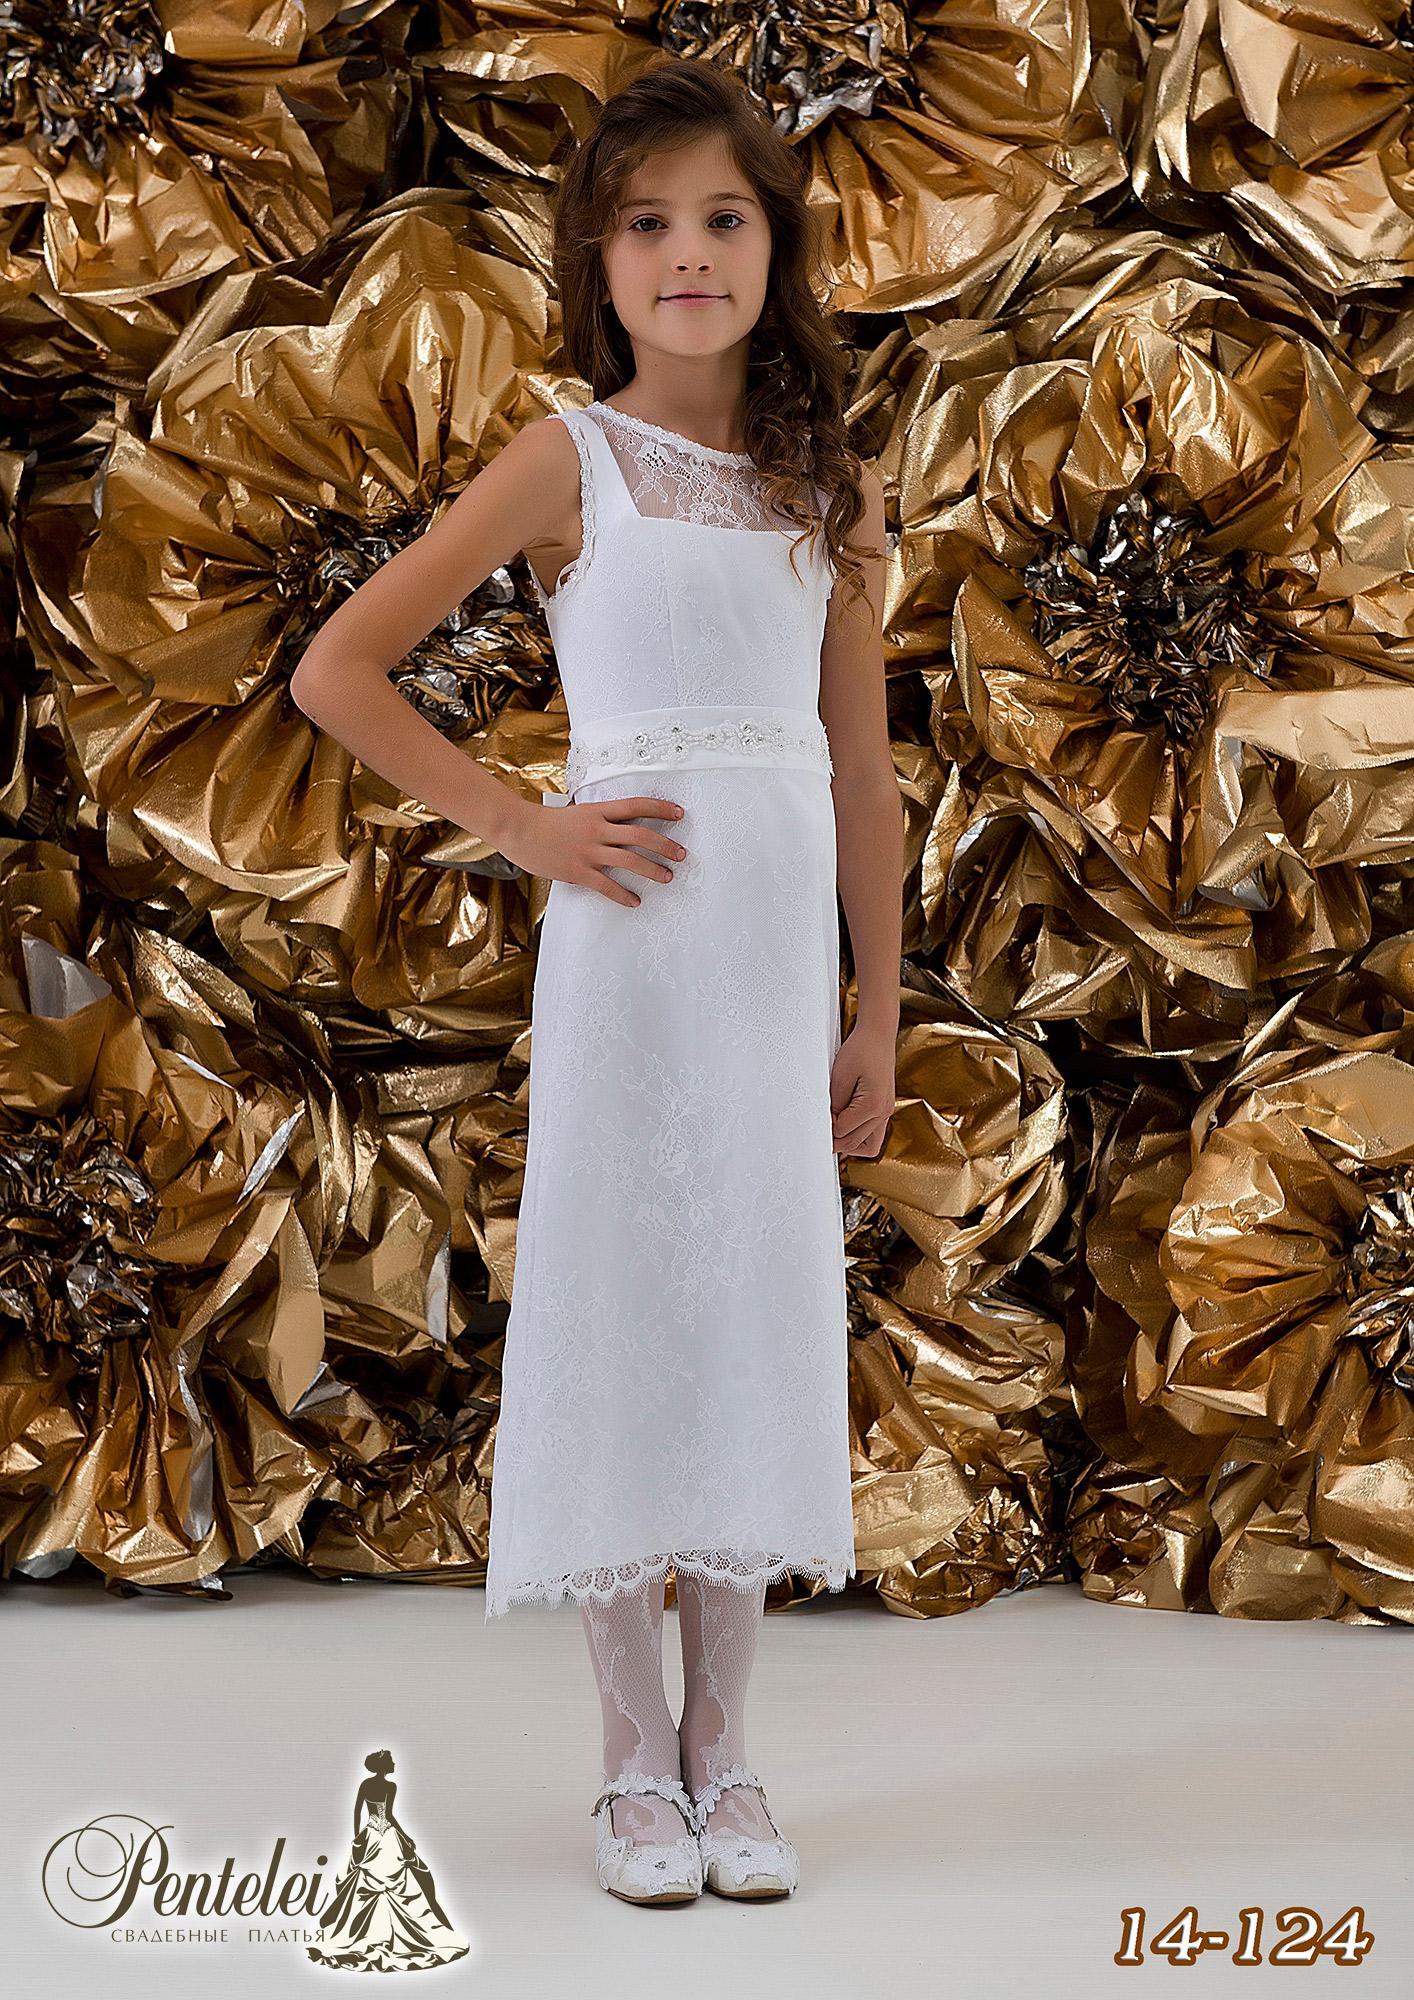 14-124 | Купити дитячі сукні оптом від Pentelei